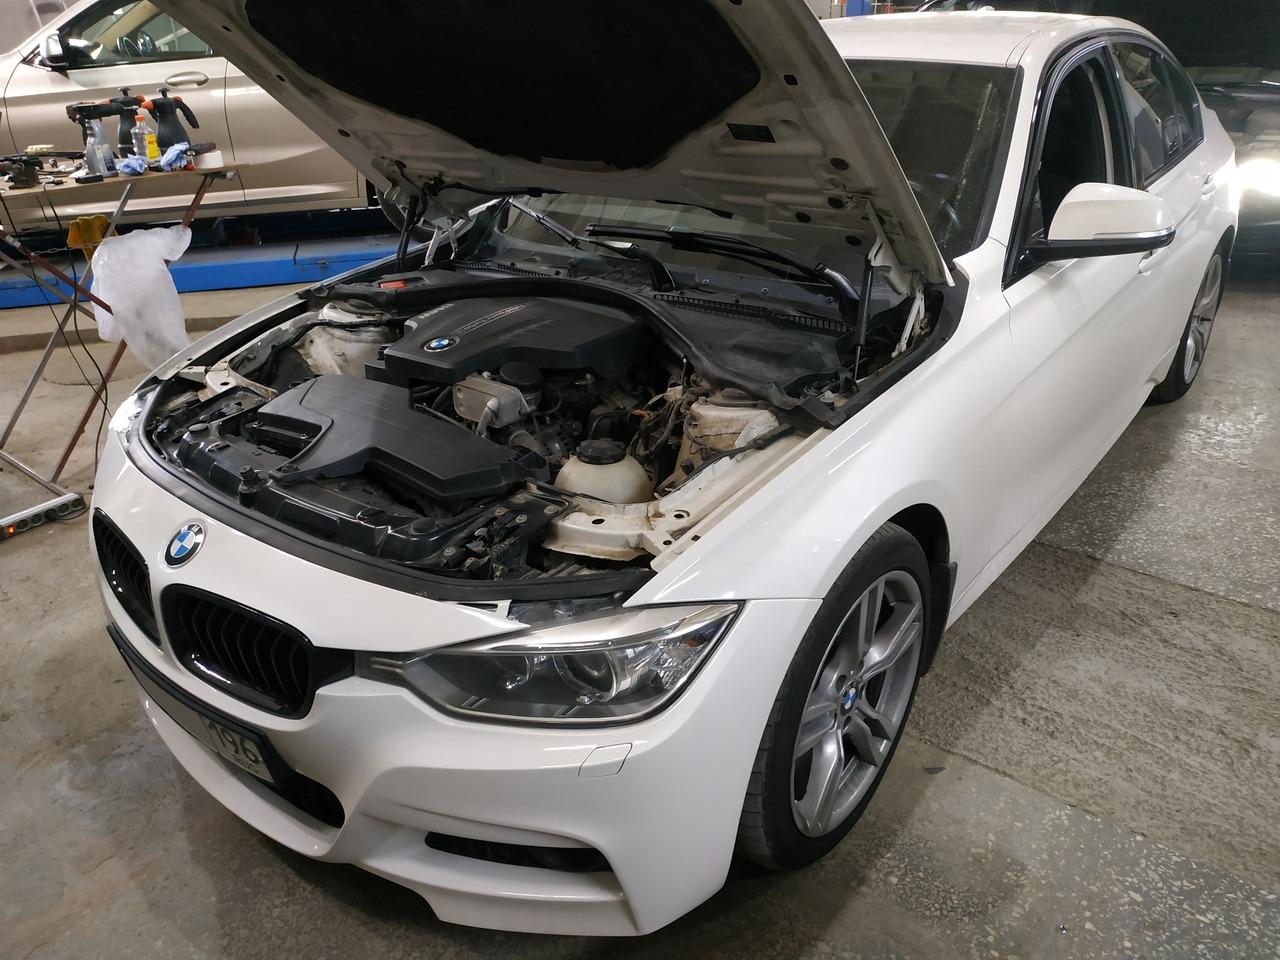 BMW F30 320i 2012 г.в.